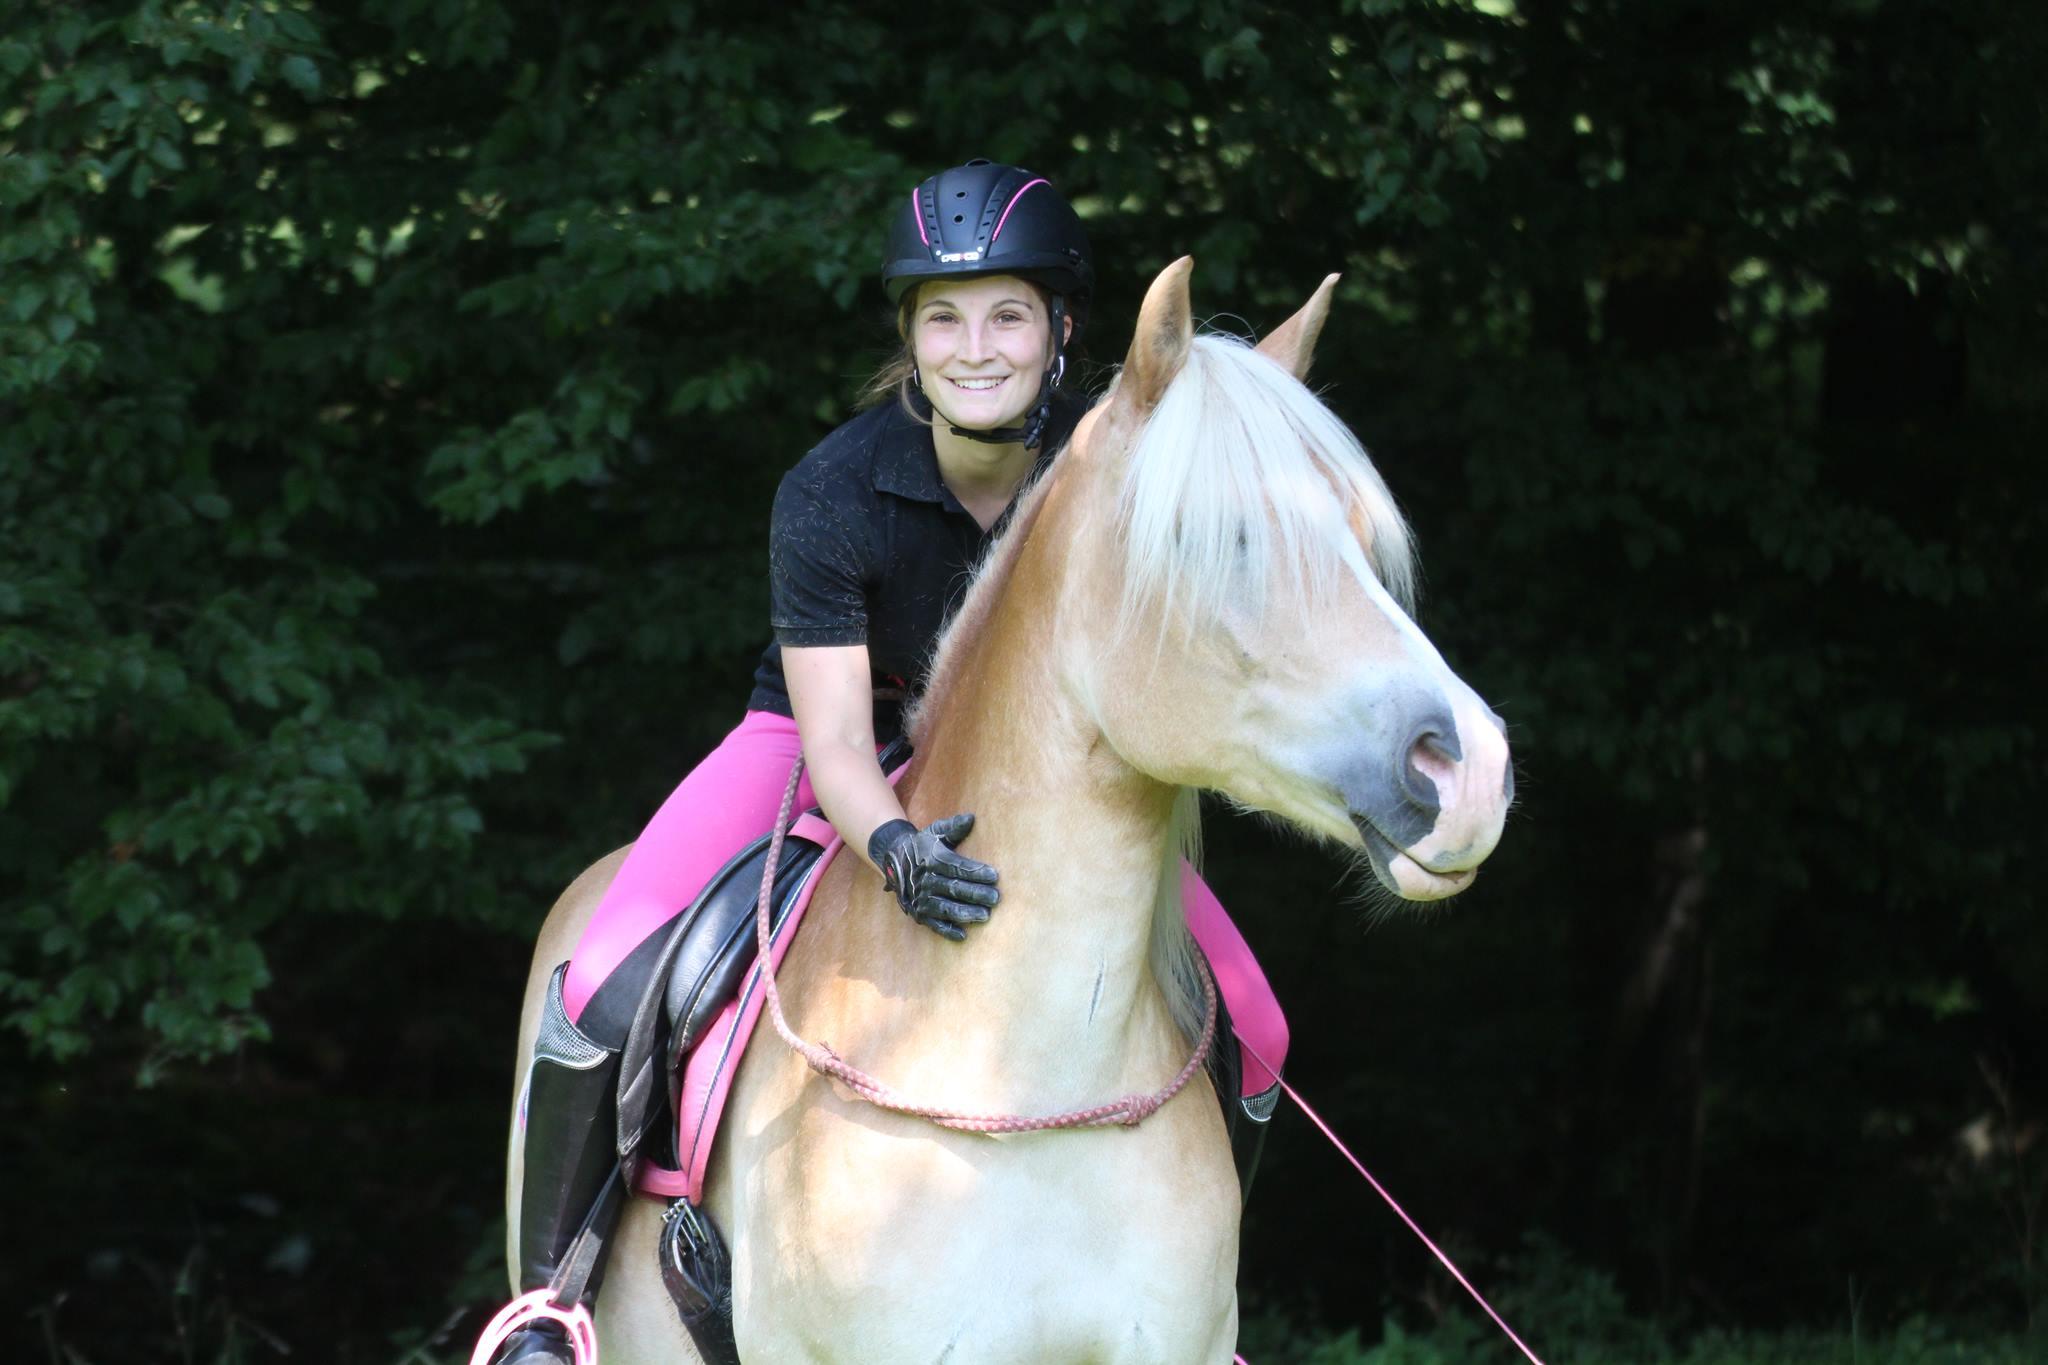 pferd gekauft schüchtern